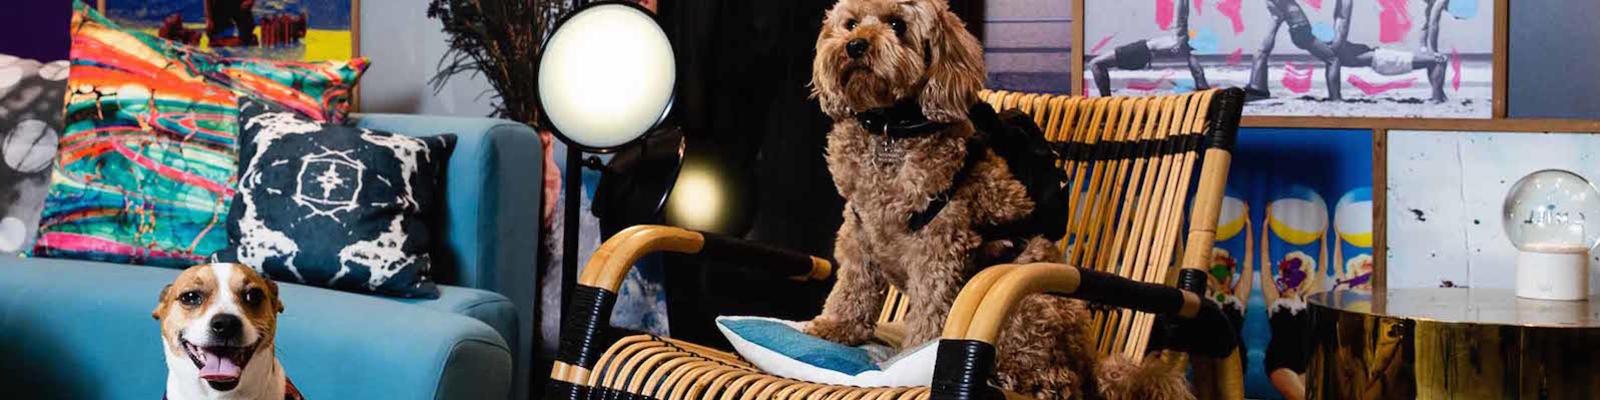 qt hotel dog stays